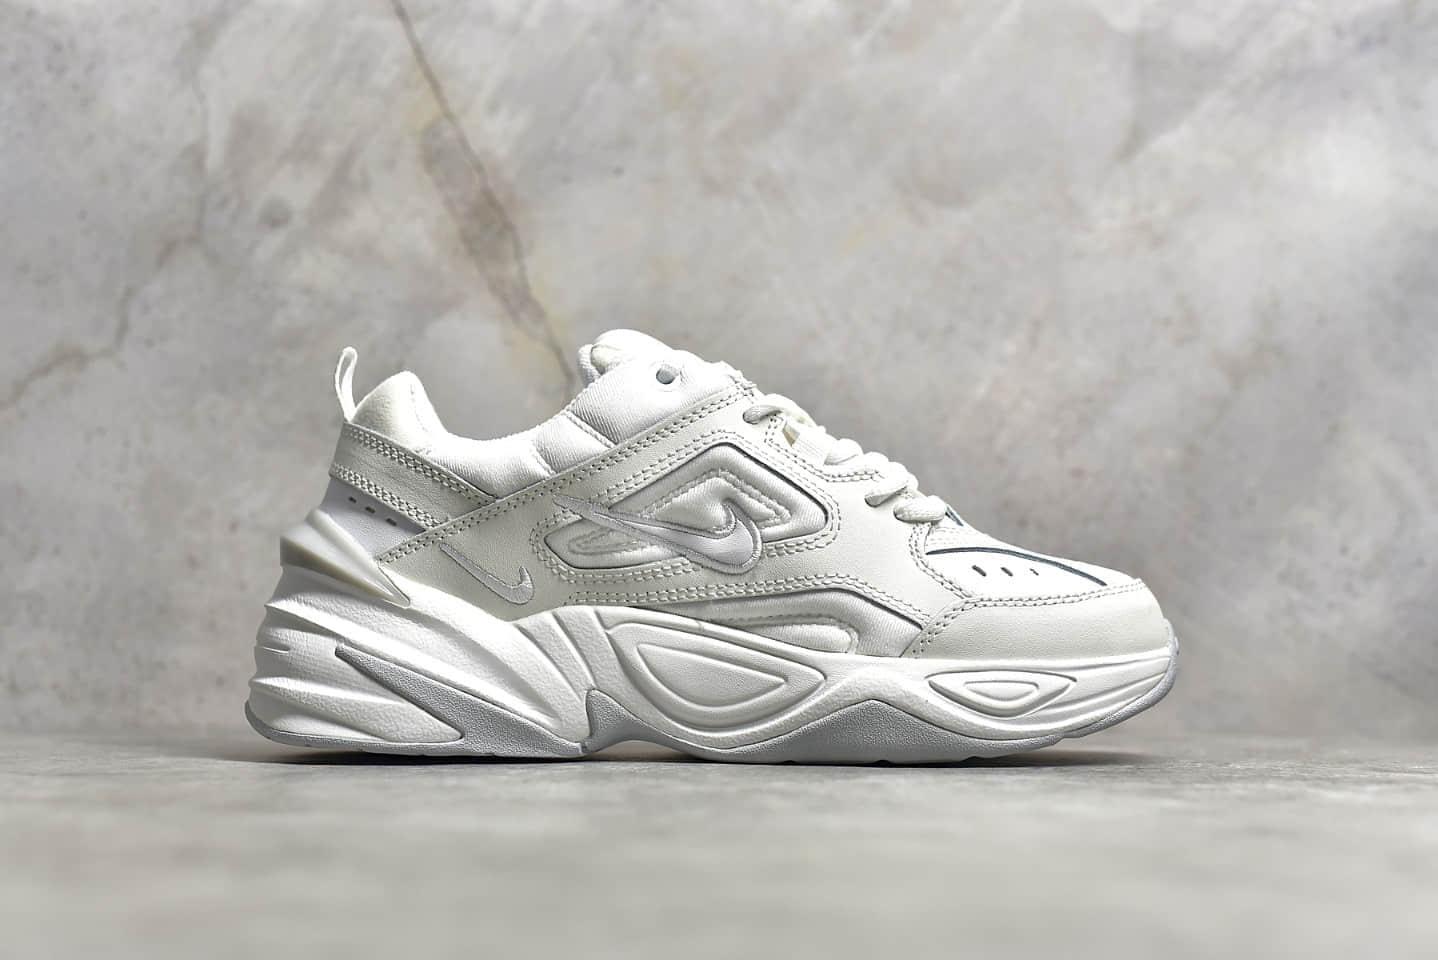 耐克M2K纯白色跑鞋 NIKE M2K Tekno 耐克老爹鞋纯原版本 莆田耐克M2K 货号:AO8108-100-潮流者之家